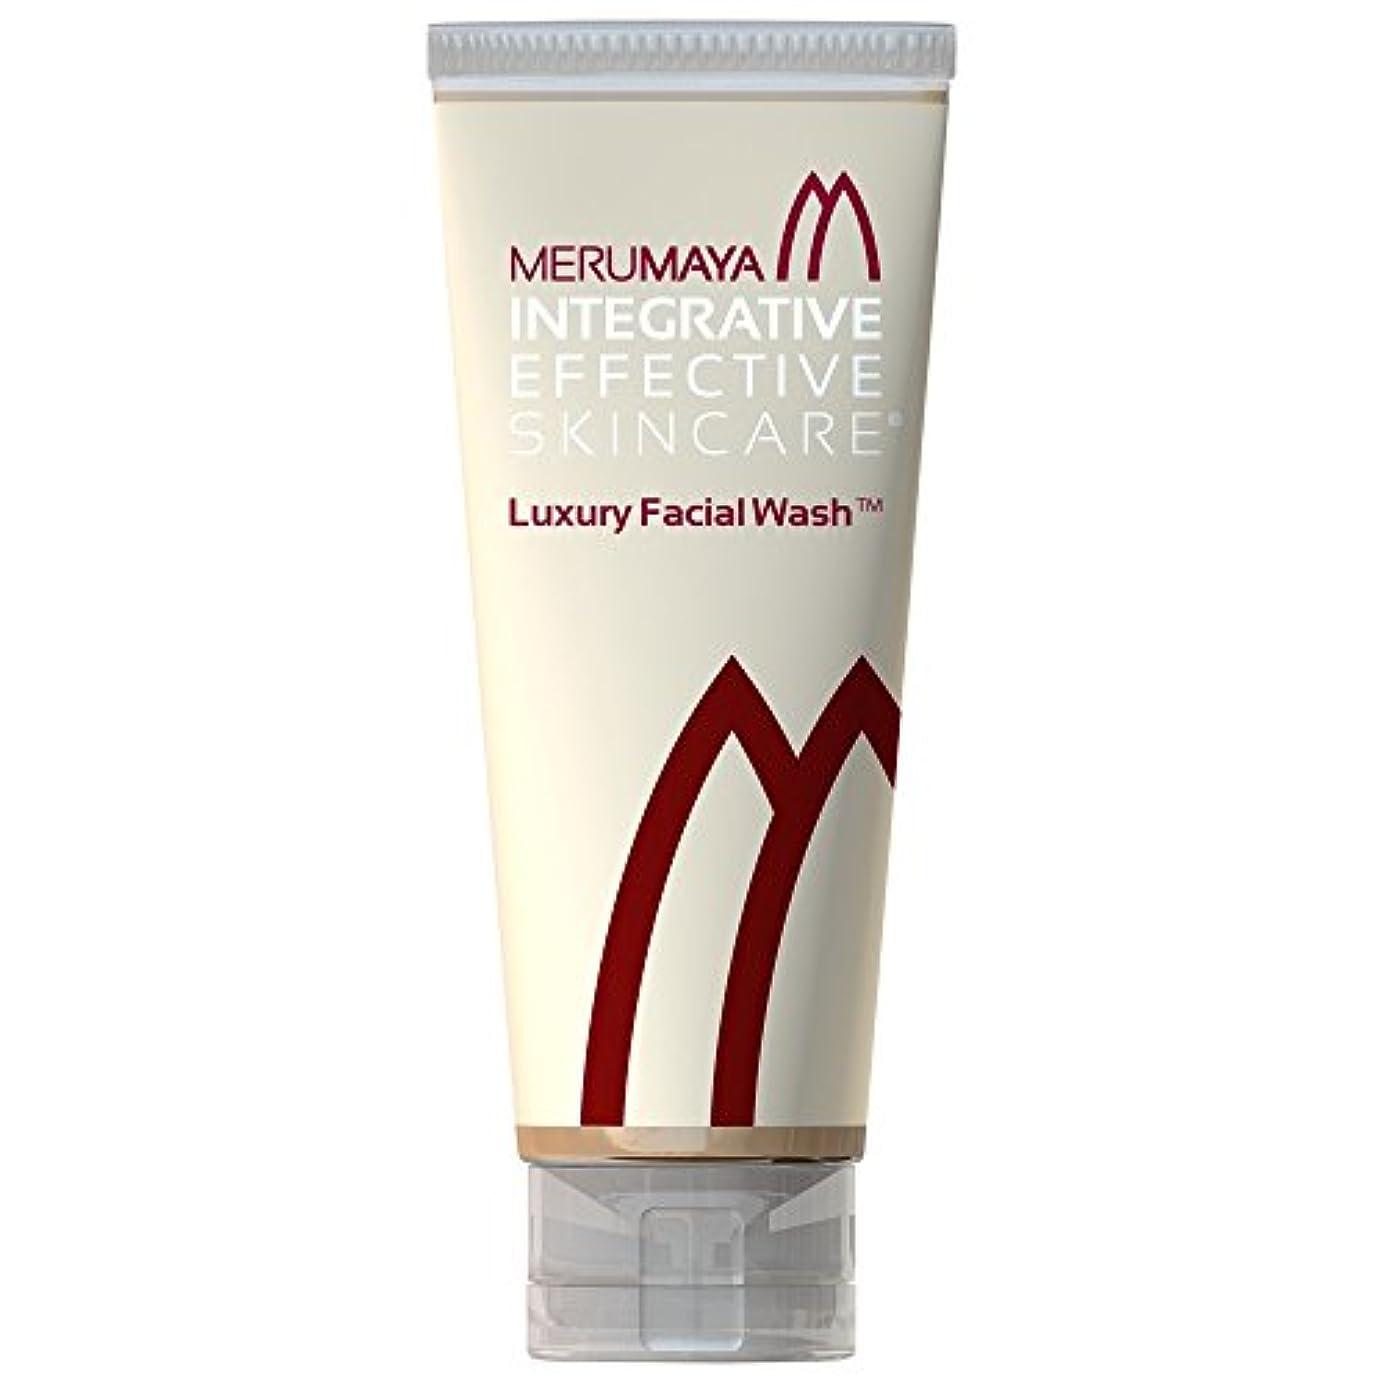 例示する毒性ライオンMerumaya高級洗顔?、100ミリリットル (Merumaya) (x2) - MERUMAYA Luxury Facial Wash?, 100ml (Pack of 2) [並行輸入品]